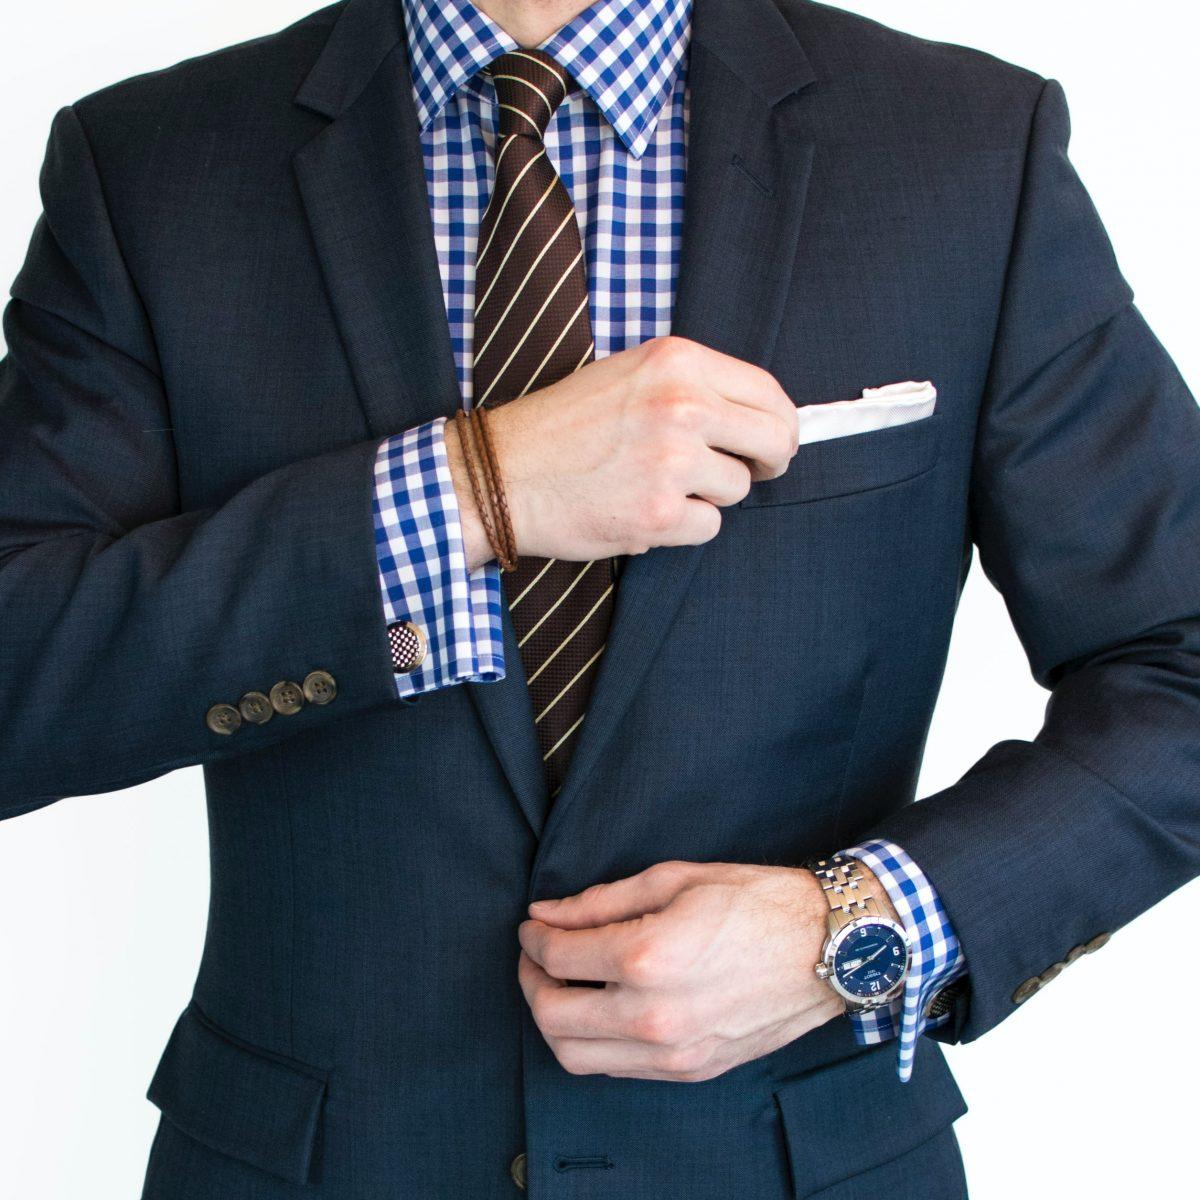 man in black suit jacket wearing gold watch